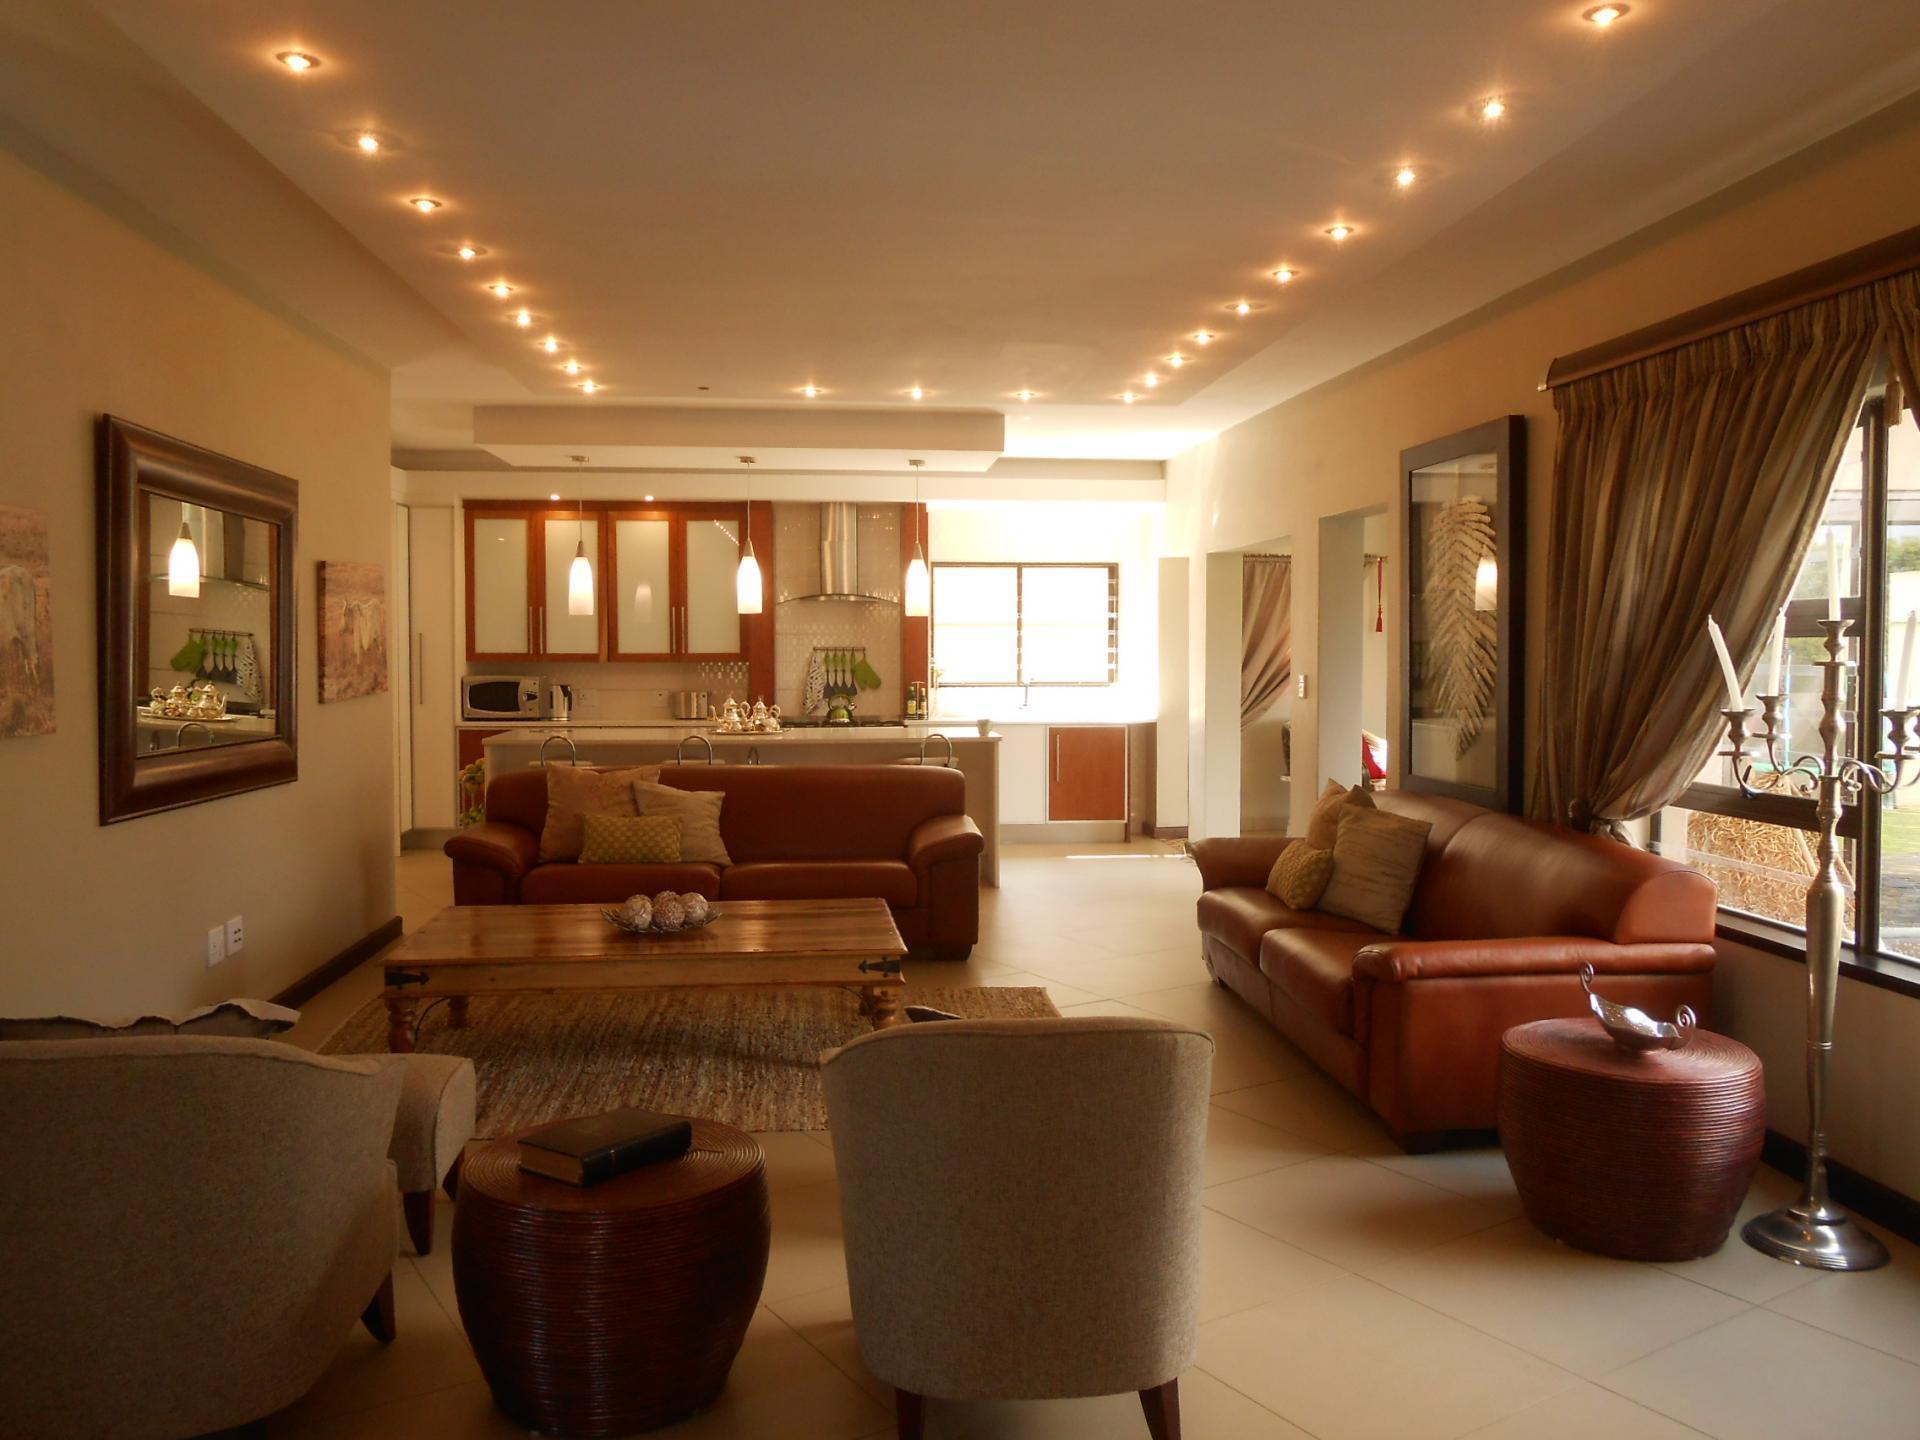 Room To Rent In Fairlands Johannesburg